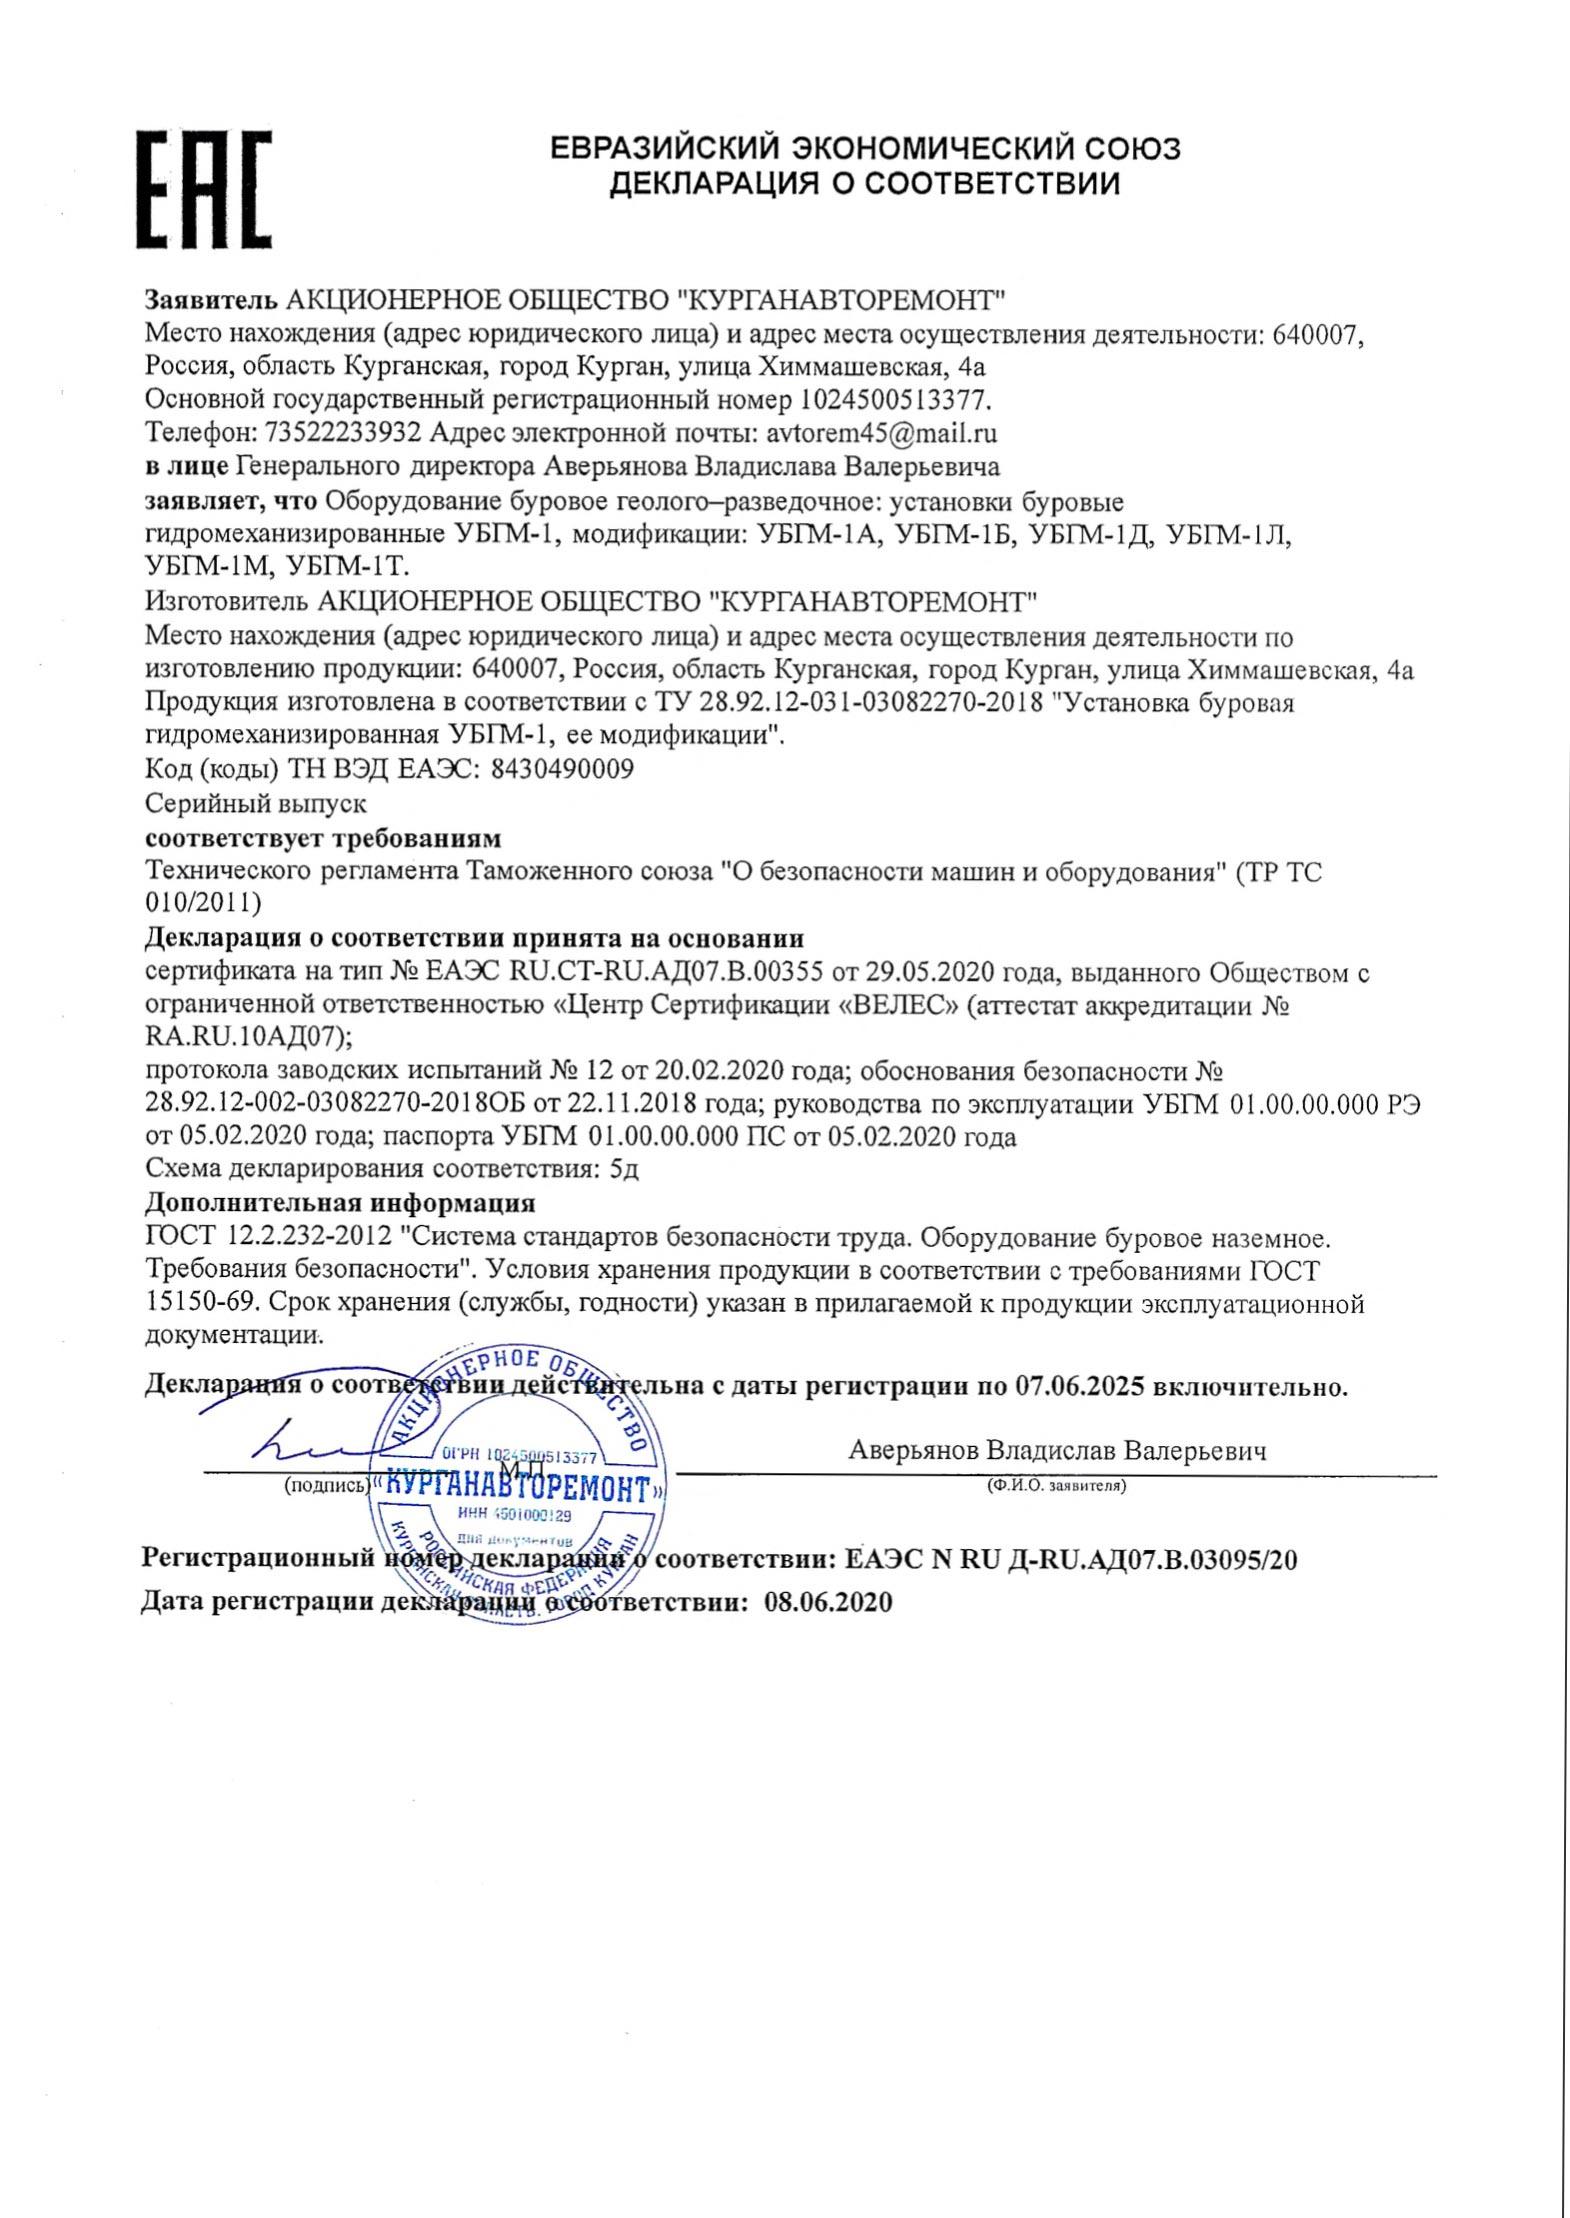 Сертификат Установка буровая гидромеханизированная УБГМ-1Д с продувкой на базе многоцелевого снегоболотохода КТМ-11В